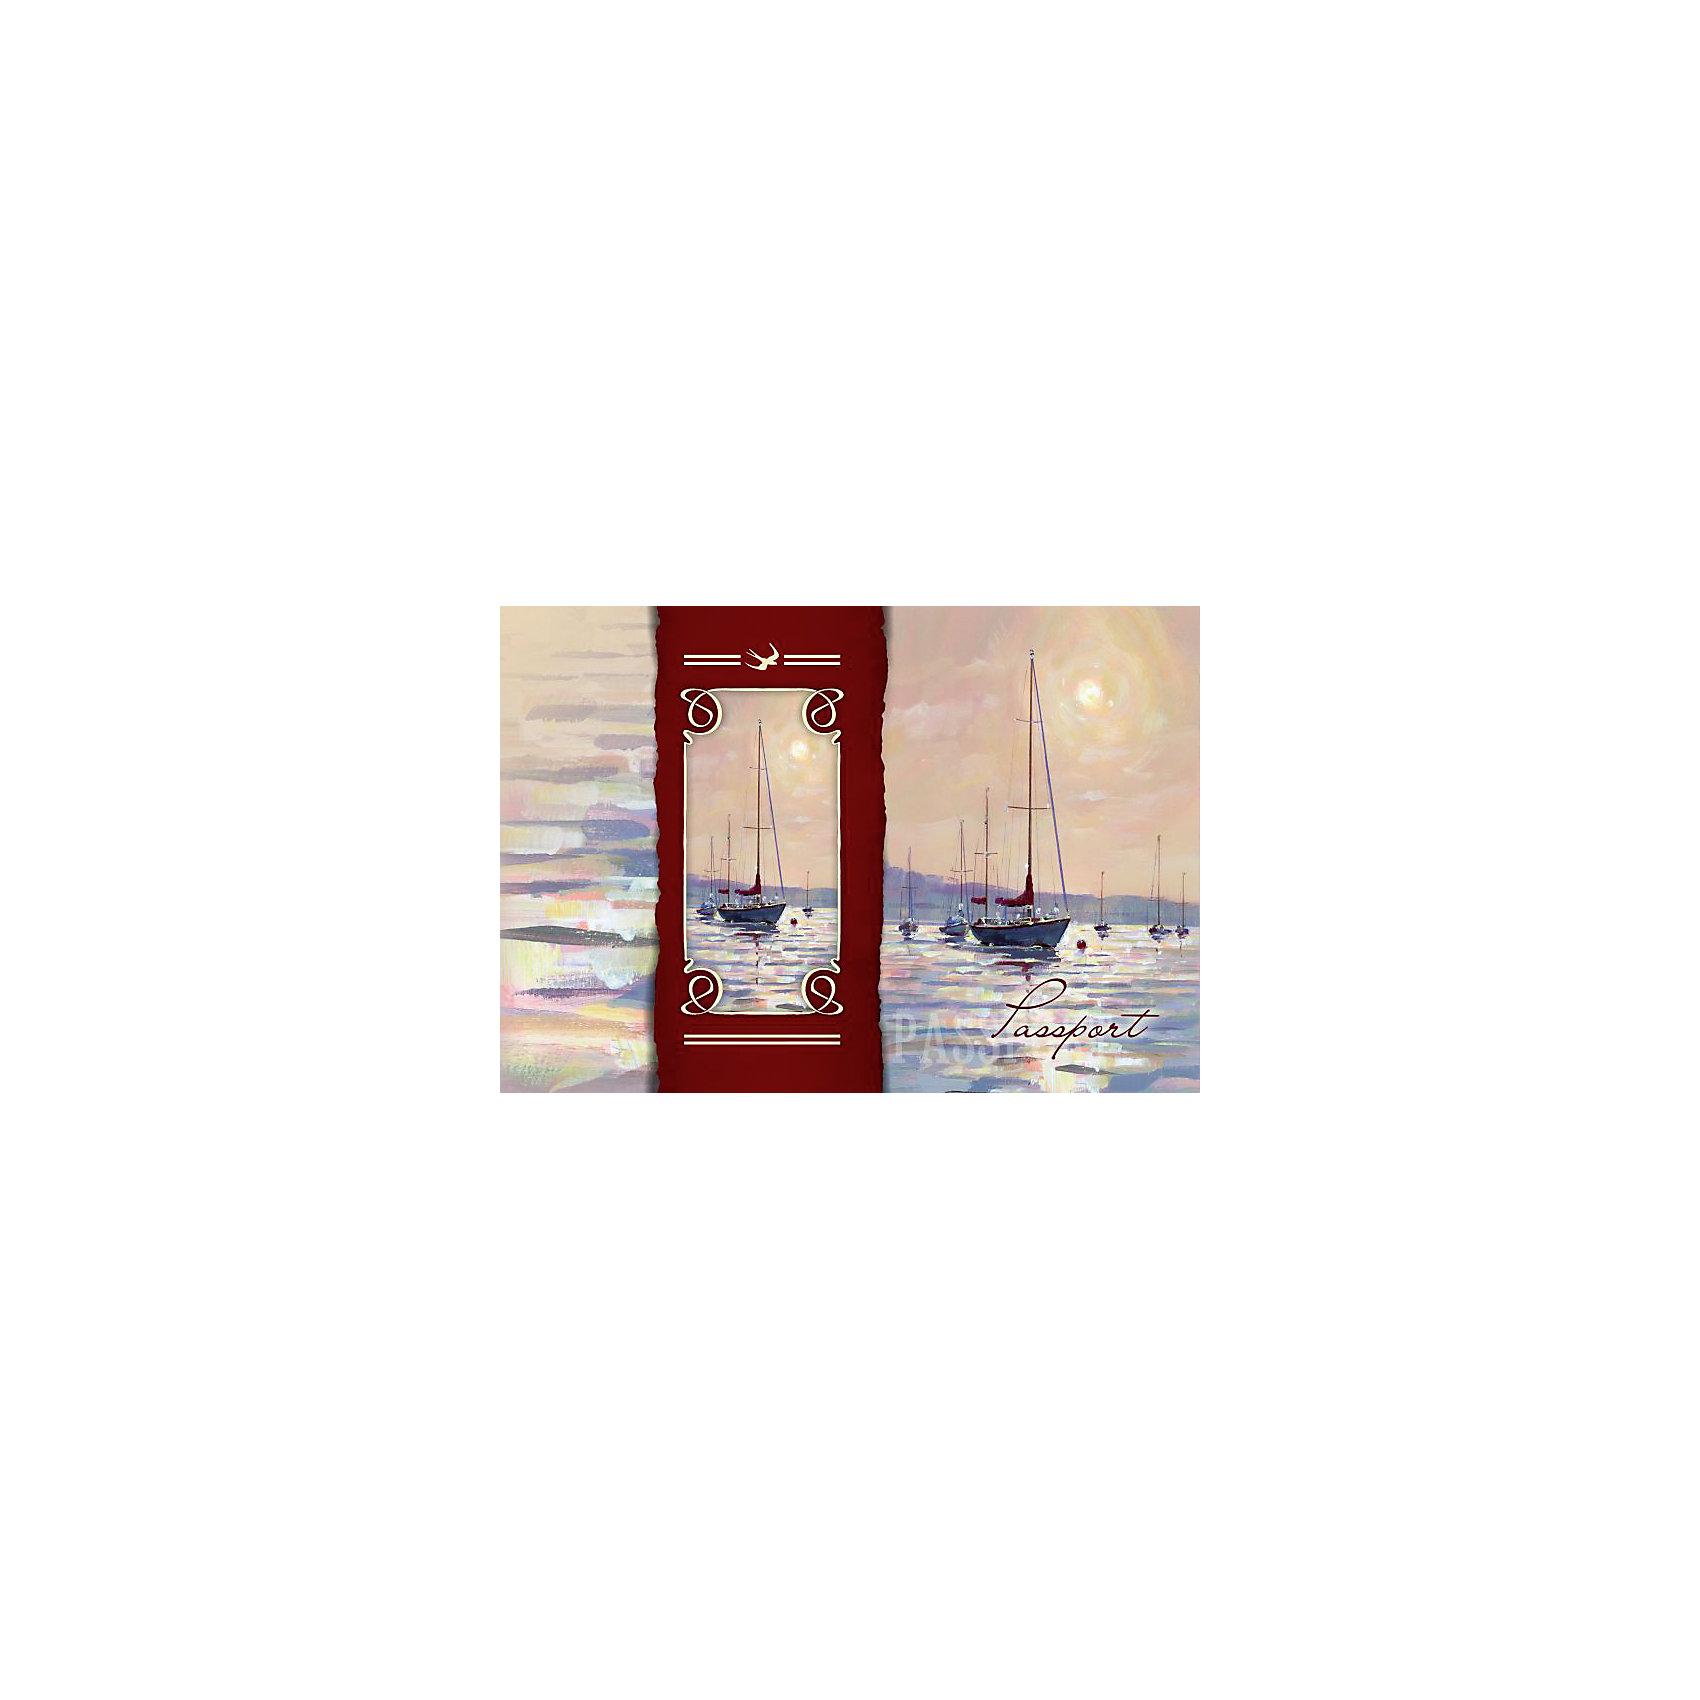 Обложка для паспорта Морской пейзаж, Феникс-ПрезентВ дорогу<br>Обложка для паспорта Морской пейзаж, Феникс-Презент <br><br>Характеристики:<br><br>• оригинальный дизайн<br>• высокая прочность<br>• размер: 13,3х19,1 см<br>• материал: ПВХ<br><br>Обложка для паспорта Морской пейзаж защитит ваши документы от намокания, а также подчеркнет оригинальность стиля. Обложка выполнена из прочного поливинилхлорида, устойчивого к износу. На обложке изображен фрагмент морского пейзажа. Такая красивая обложка всегда будет радовать глаз!<br><br>Обложку для паспорта Морской пейзаж, Феникс-Презент вы можете купить в нашем интернет-магазине.<br><br>Ширина мм: 133<br>Глубина мм: 191<br>Высота мм: 50<br>Вес г: 35<br>Возраст от месяцев: 168<br>Возраст до месяцев: 2147483647<br>Пол: Унисекс<br>Возраст: Детский<br>SKU: 5449604